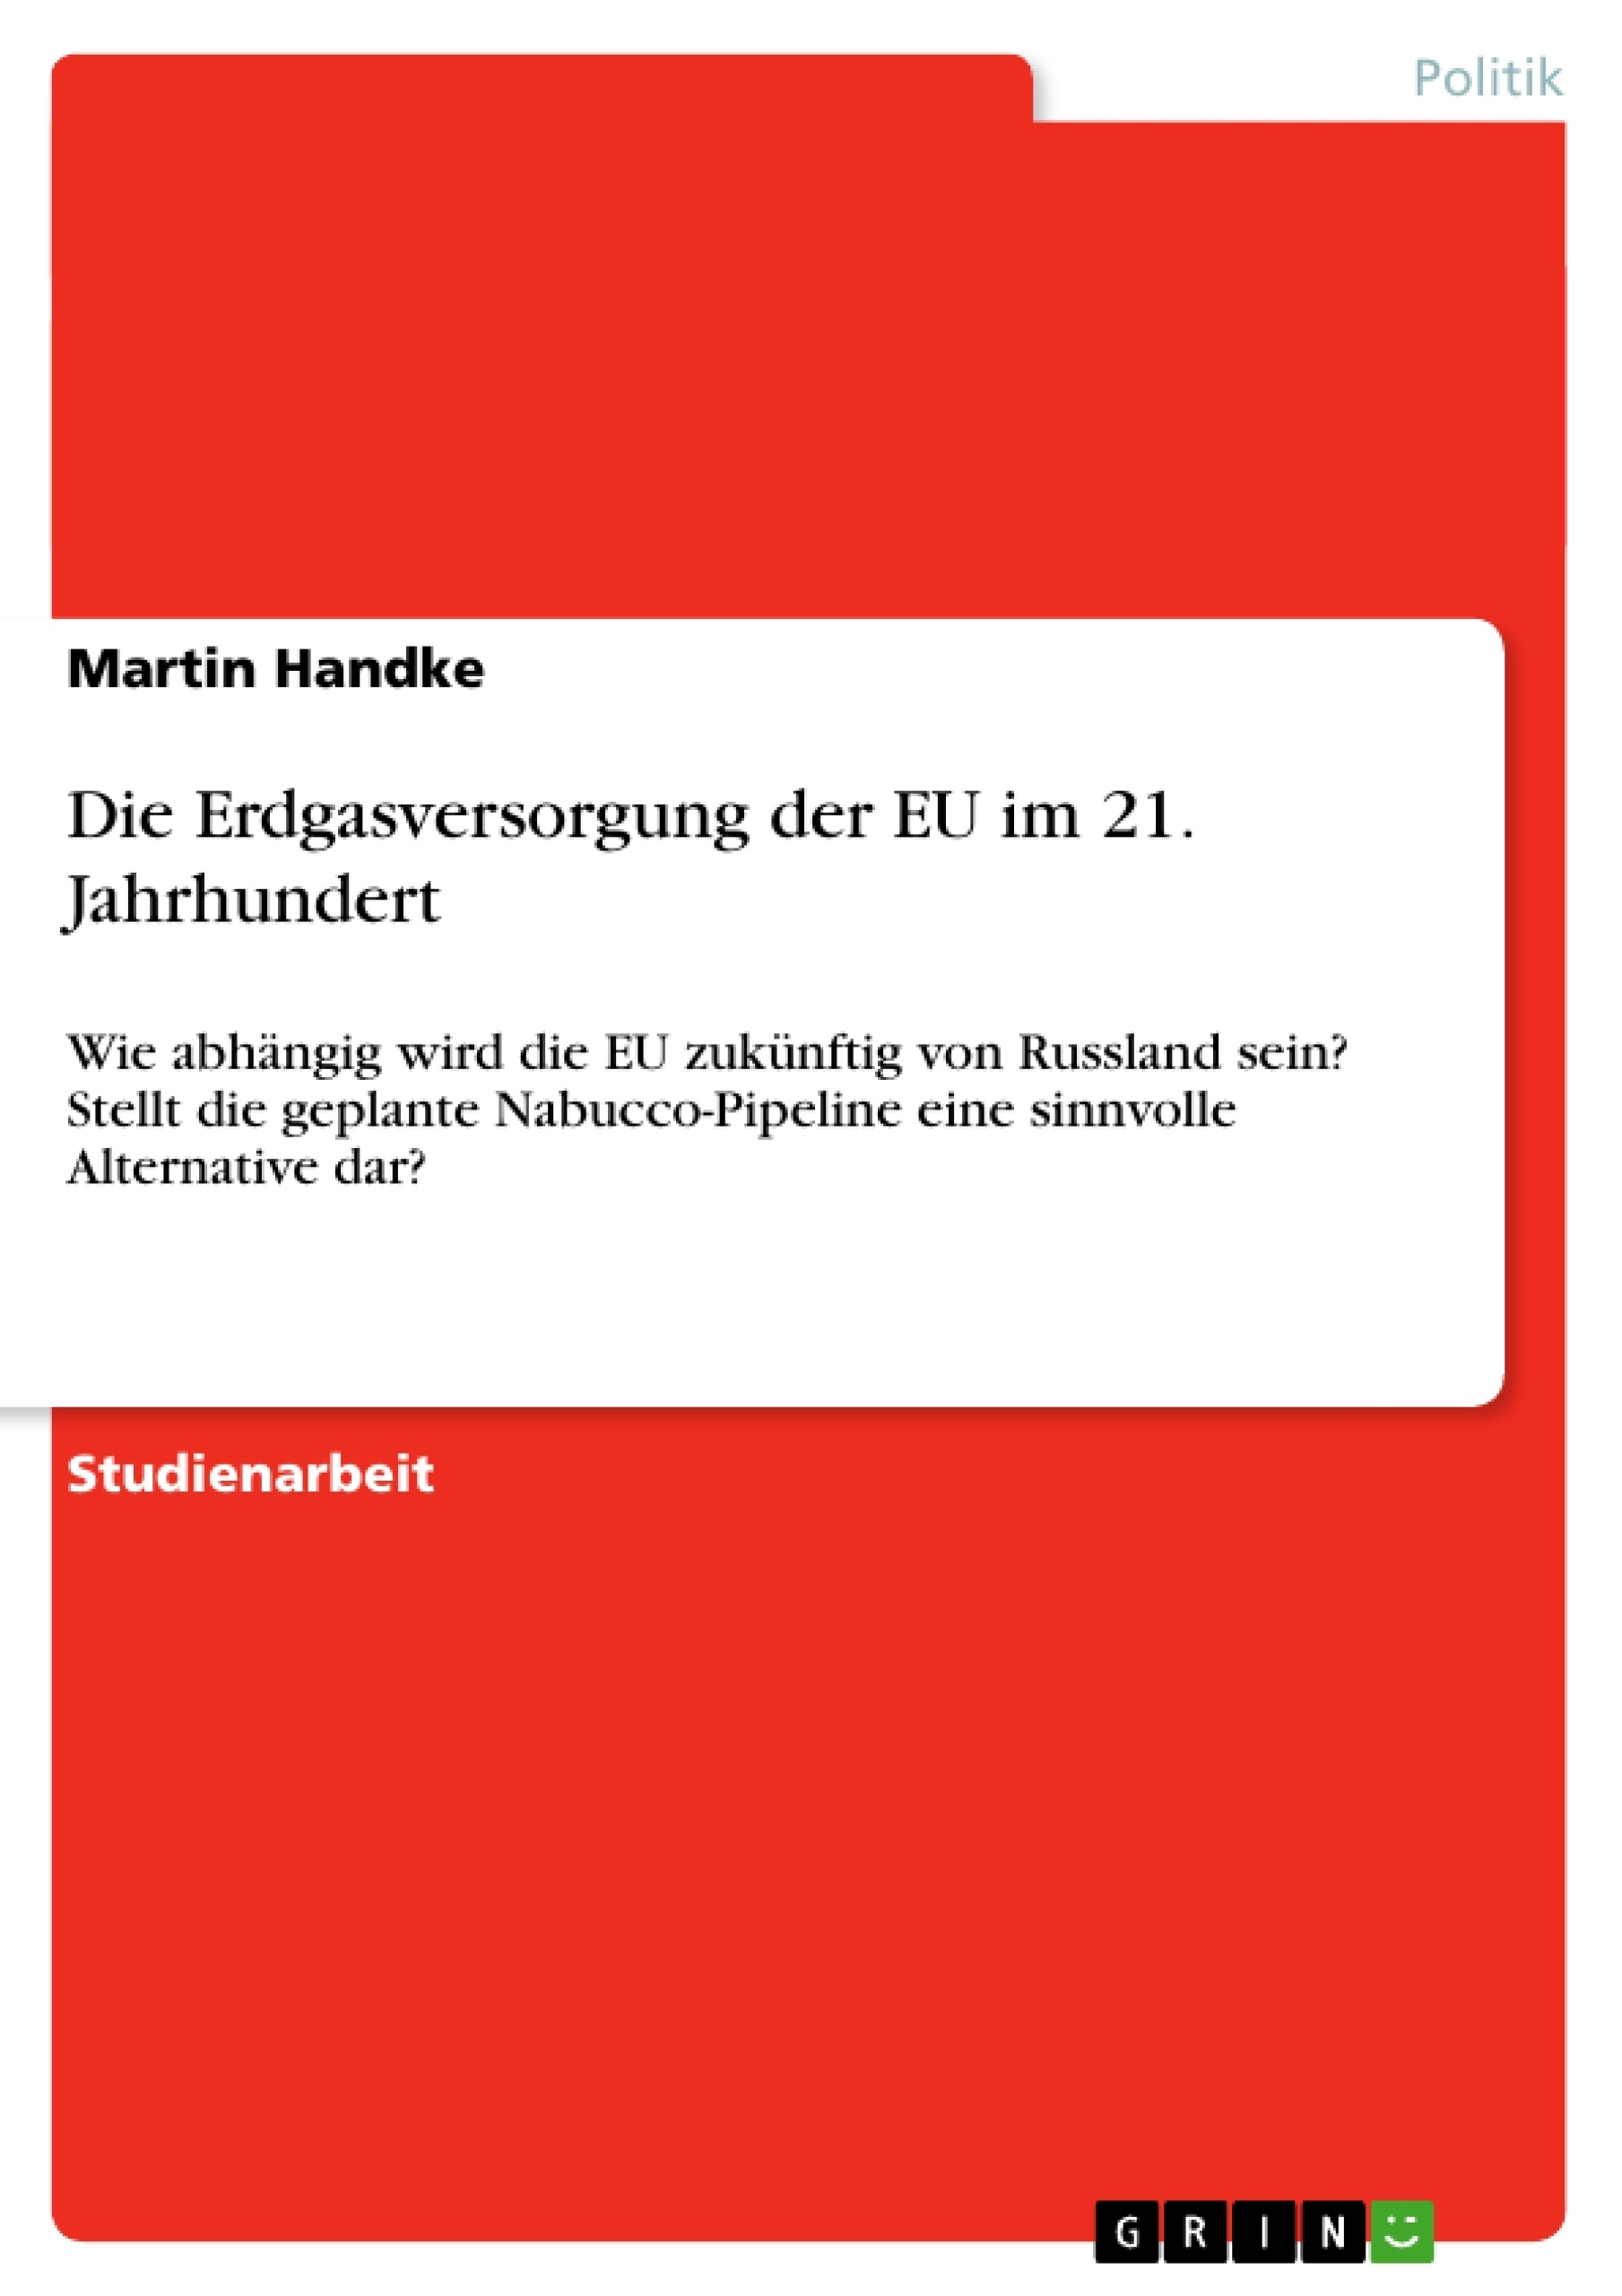 Titel: Die Erdgasversorgung der EU im 21. Jahrhundert